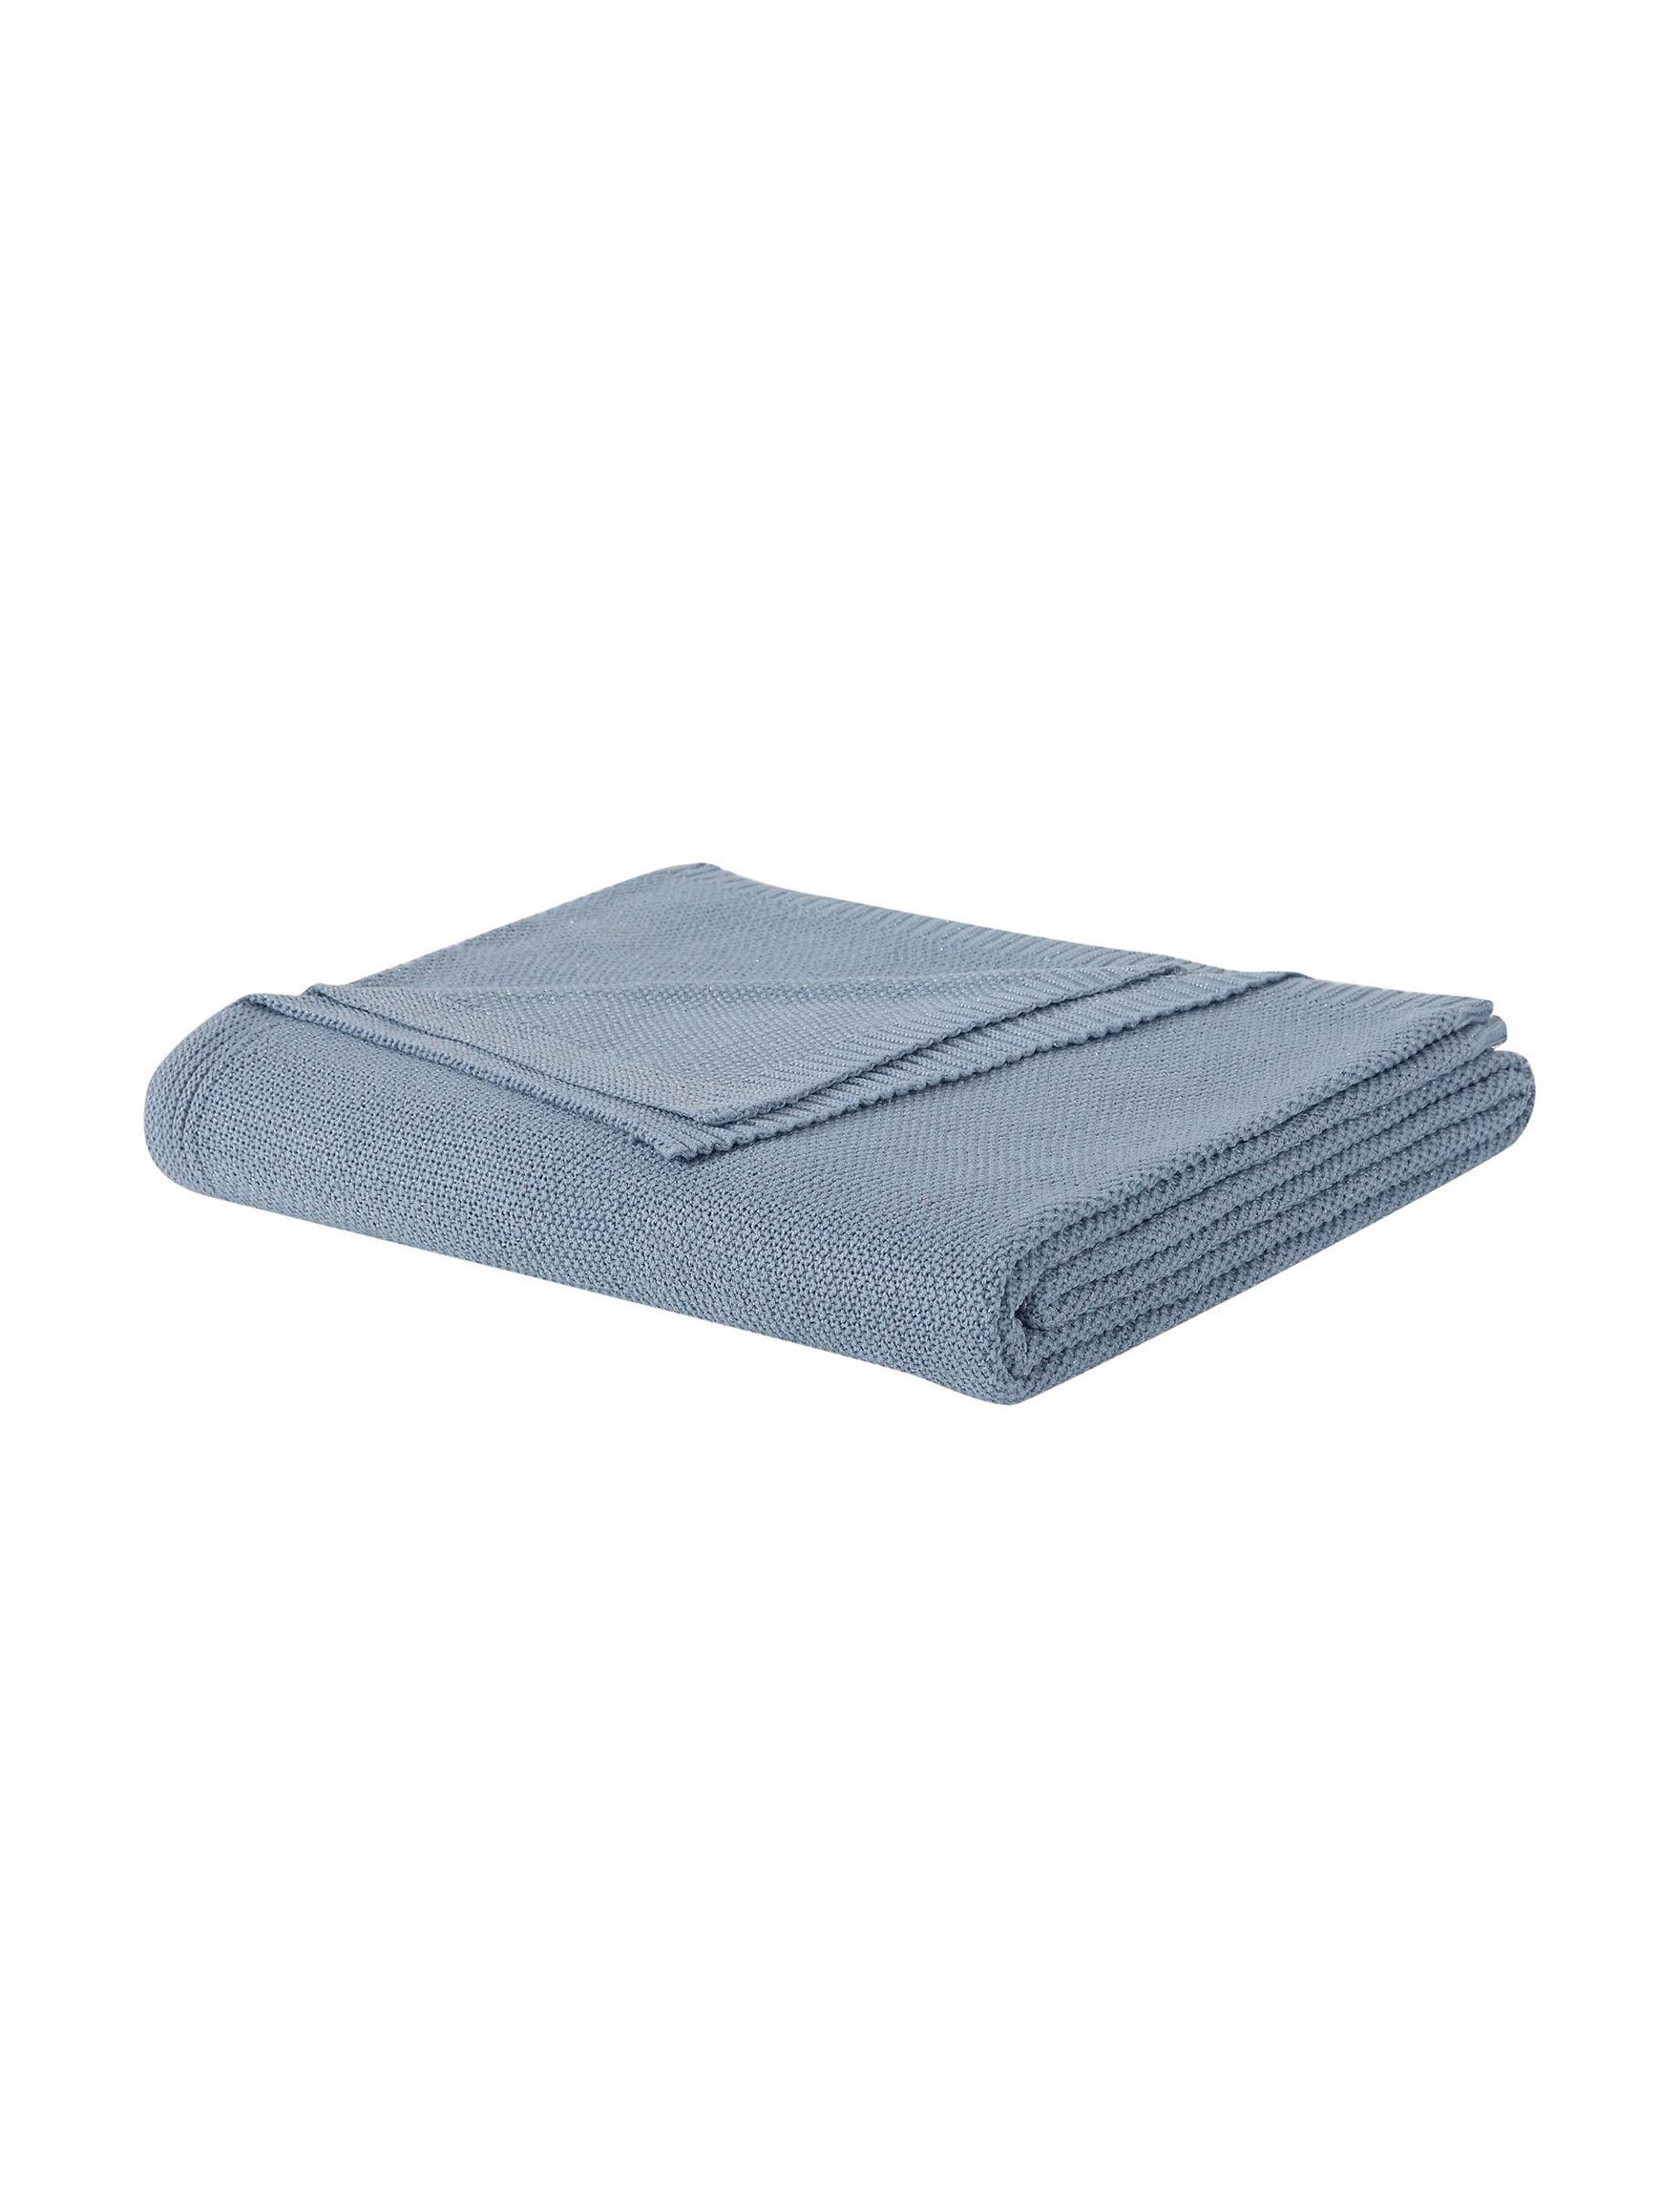 Laura Ashley Blue Blankets & Throws